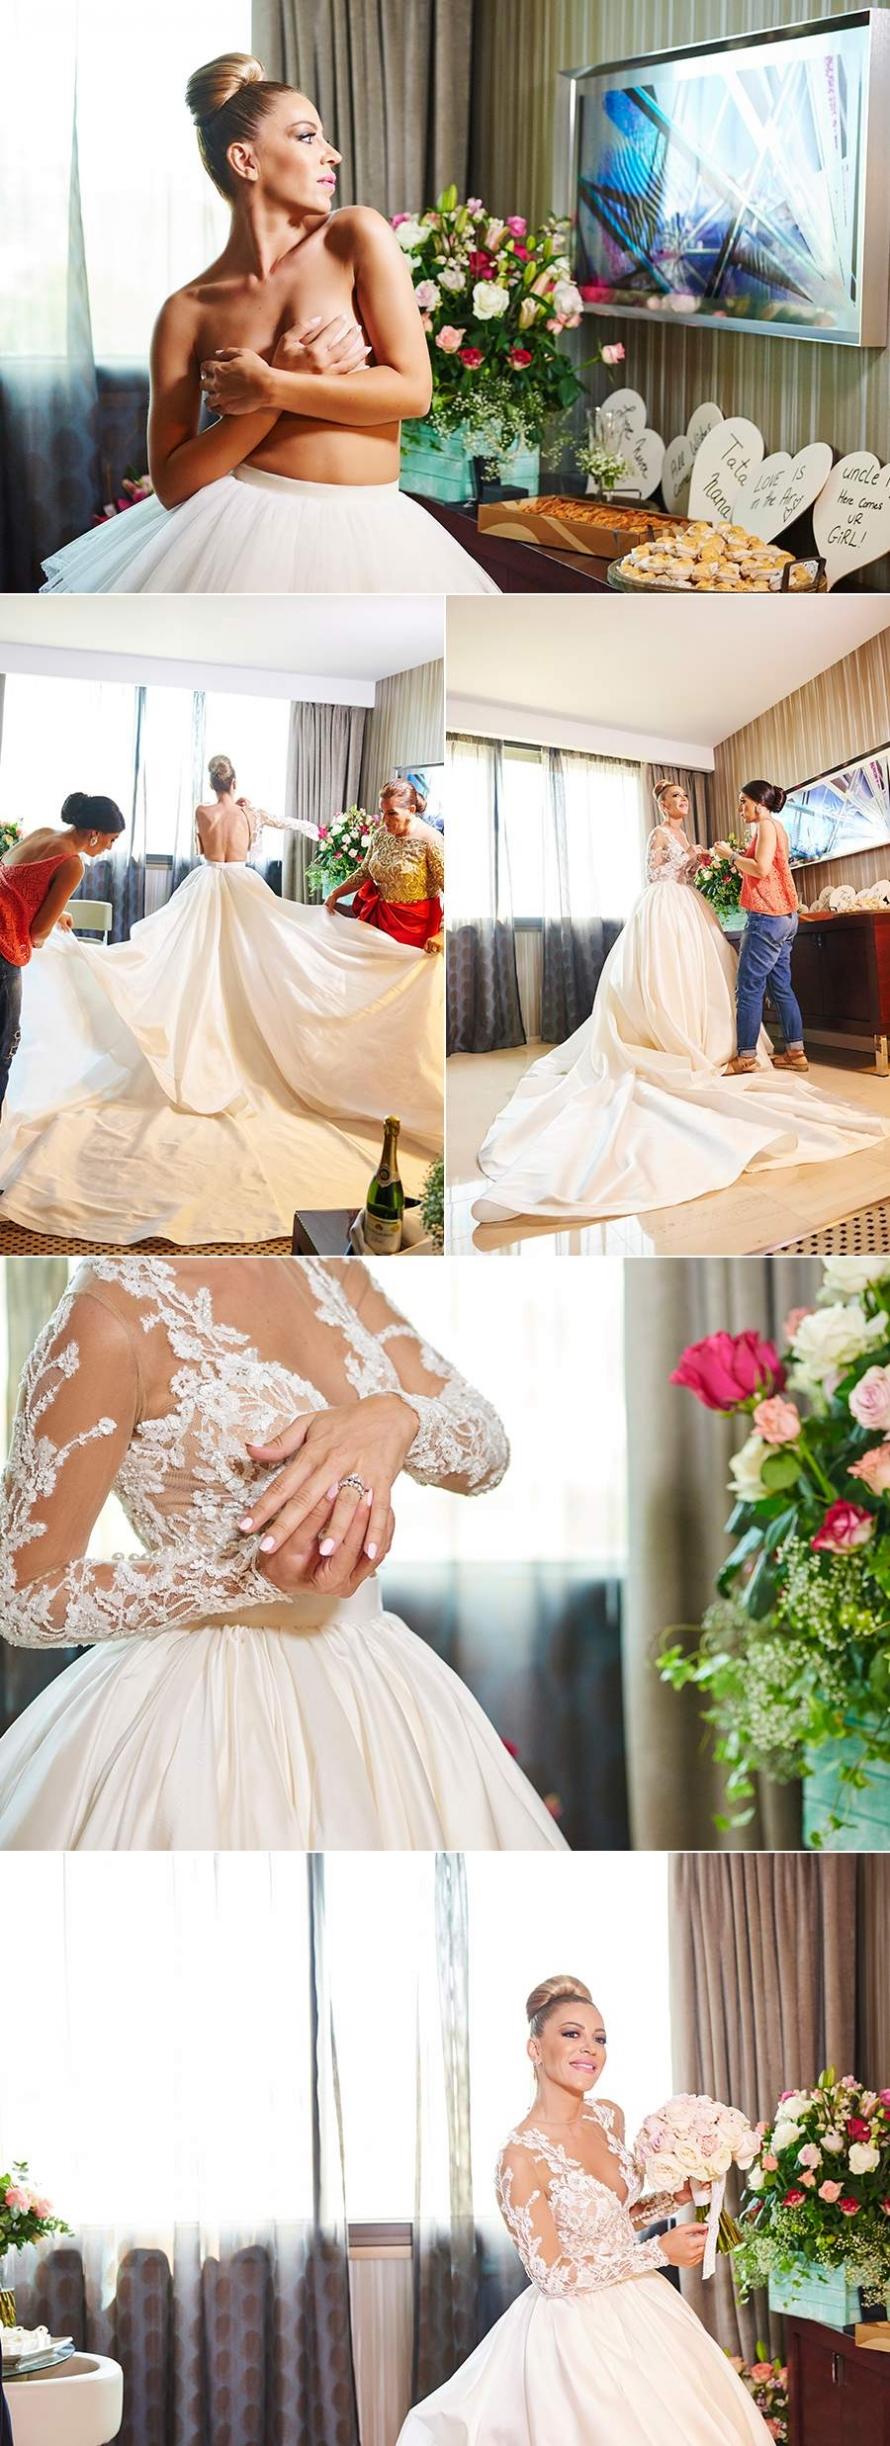 Fady Rana wedding photo 04